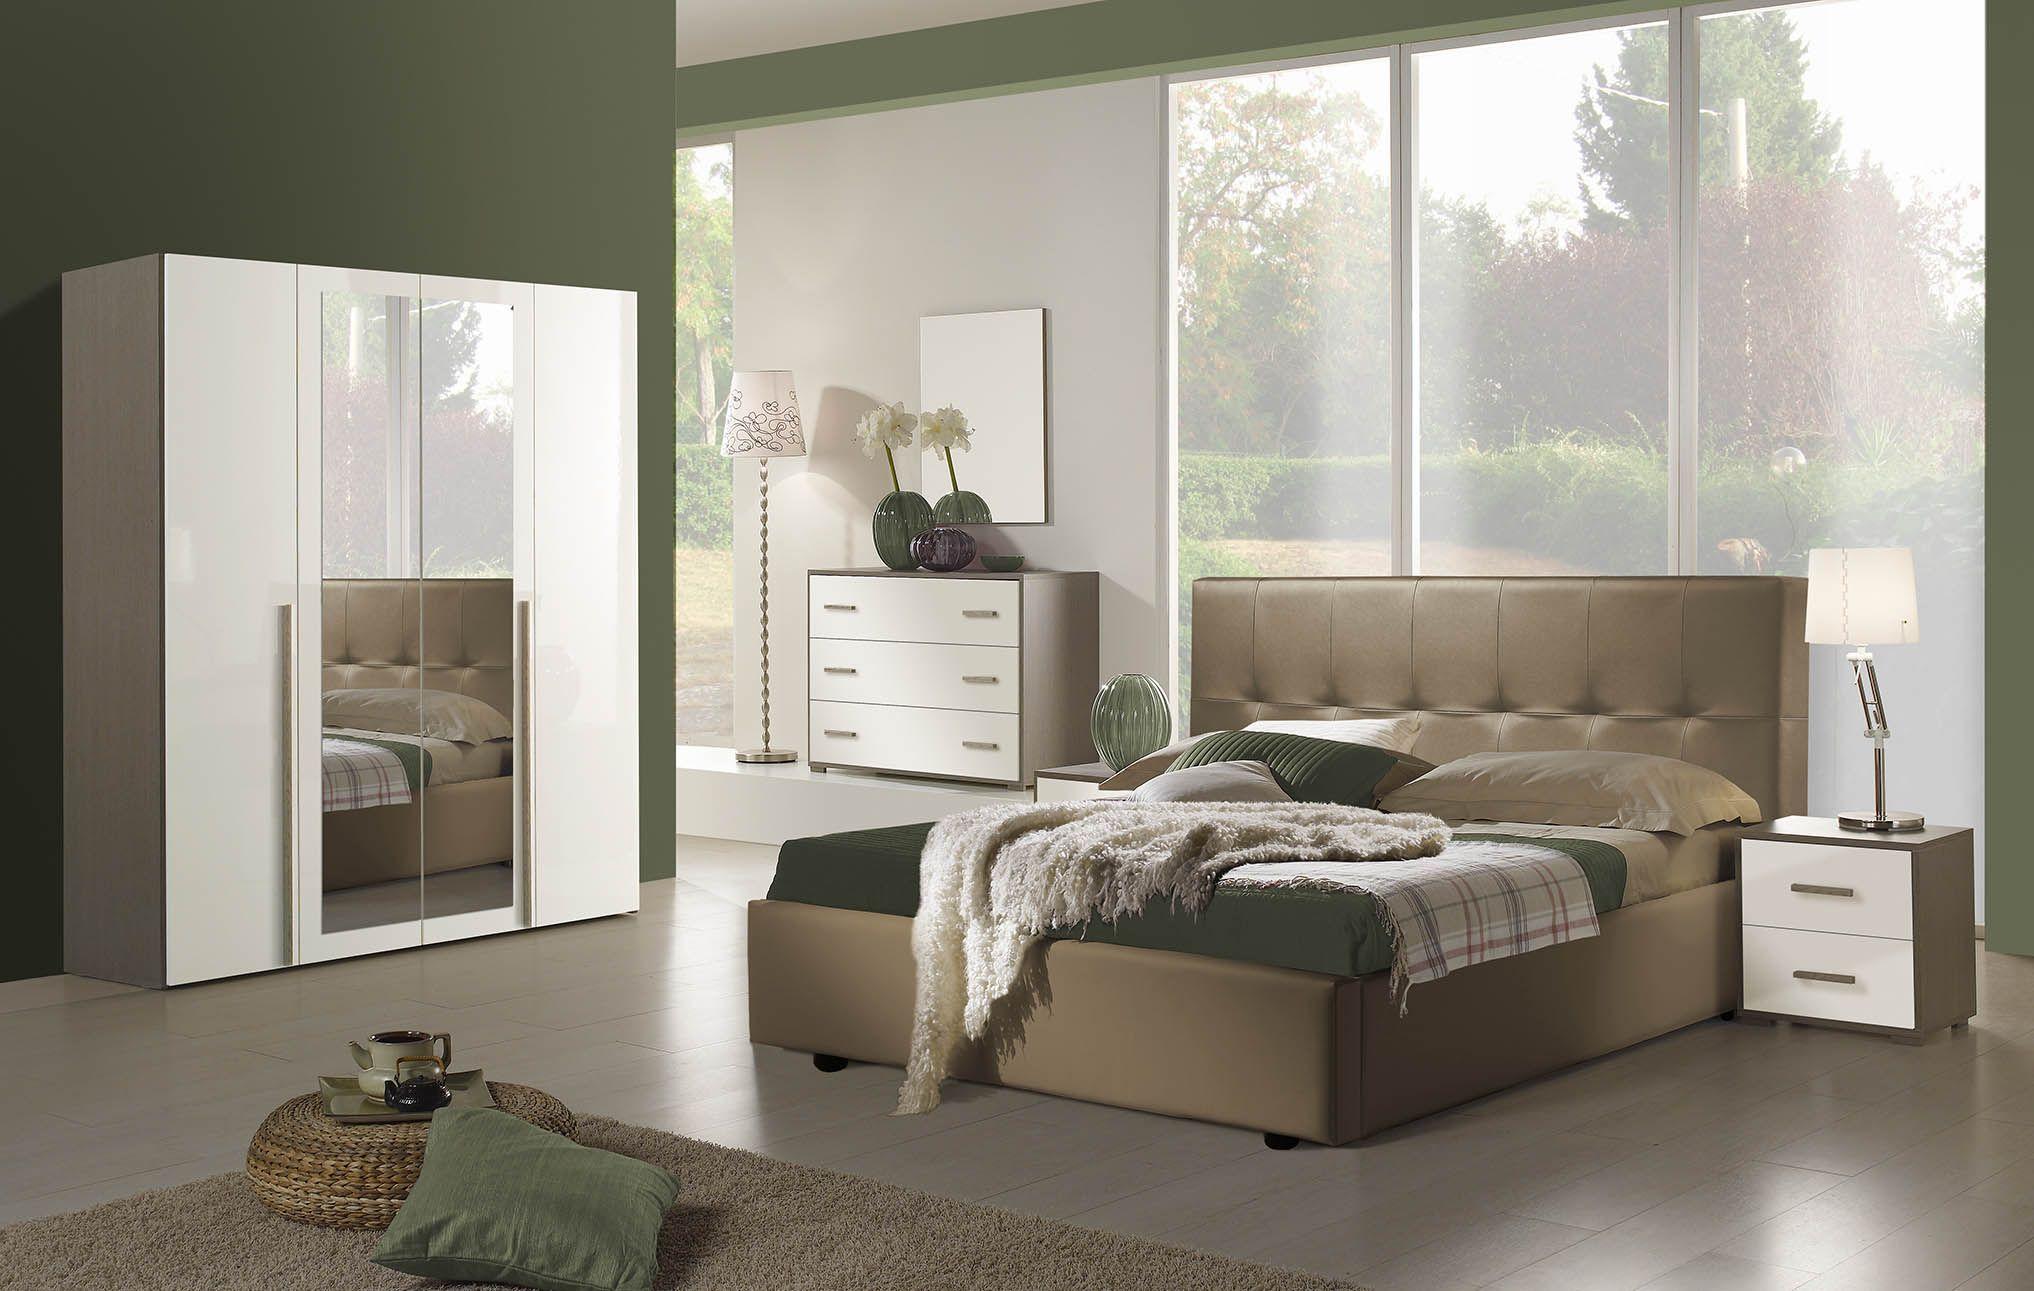 Chambre Comprenant Armoire 4 Portes Lit 160x200 2 Chevets Commode Miroir Livraison Gratuite Dans Paris Et Regio Decoration Maison Lit 160x200 Chambre